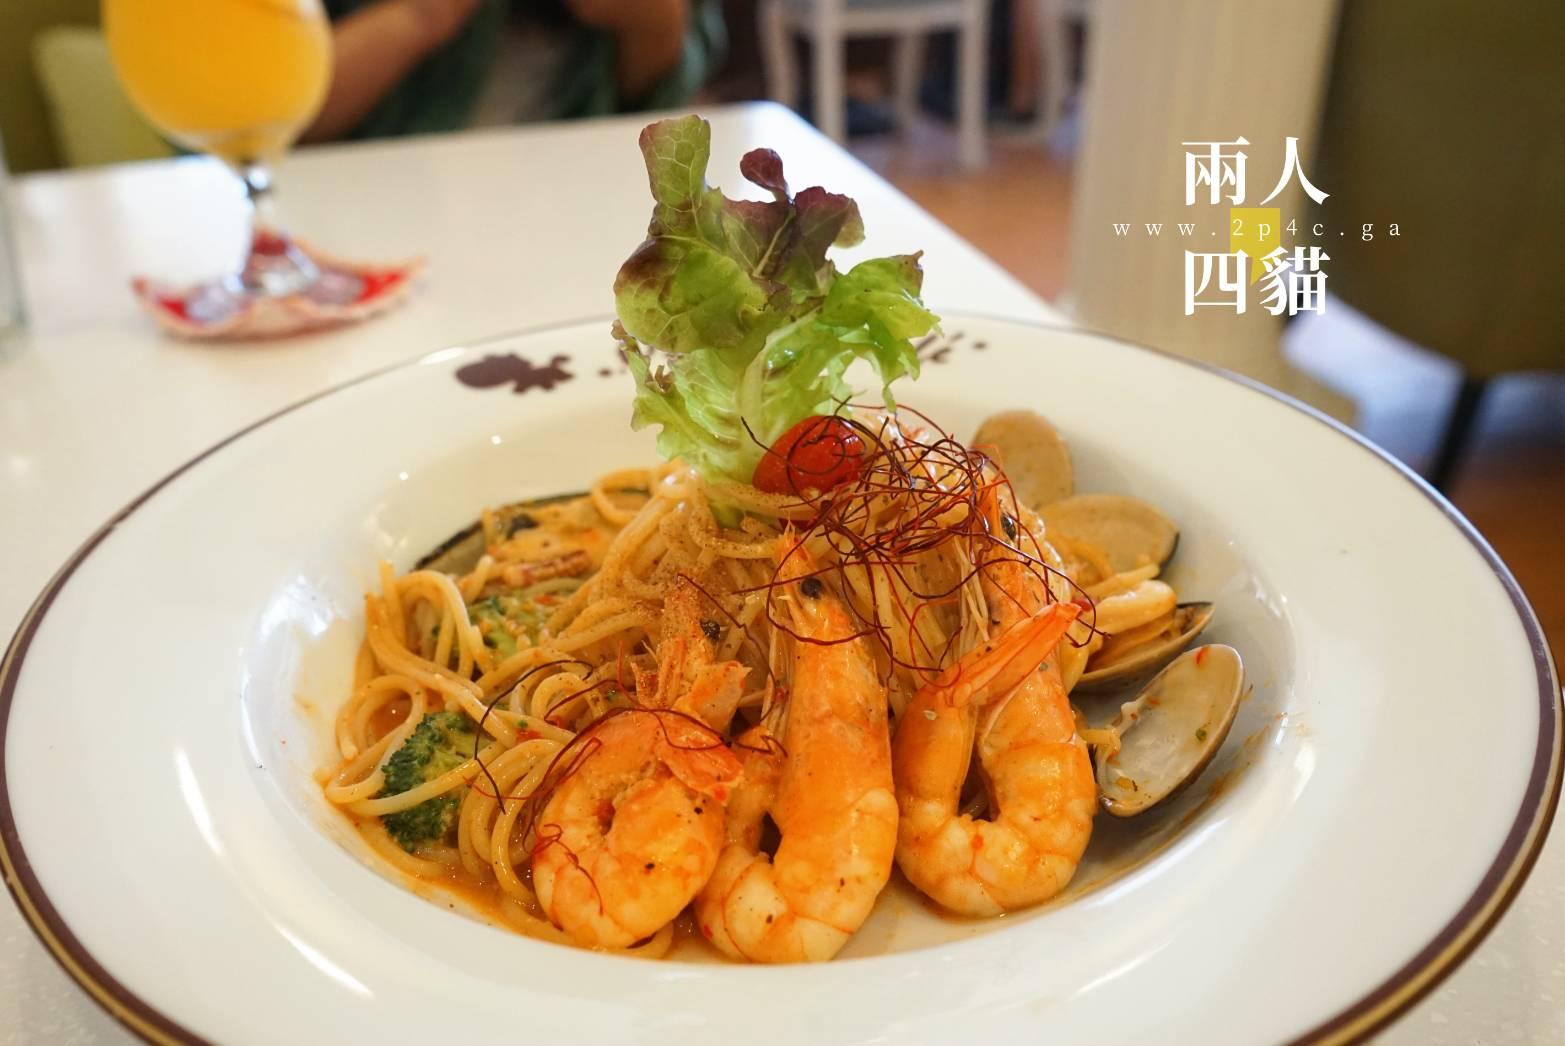 【板橋|美食】板橋新埔站兩分鐘!都市生活中的夢幻鄉村咖啡館『Oyami Cafe』